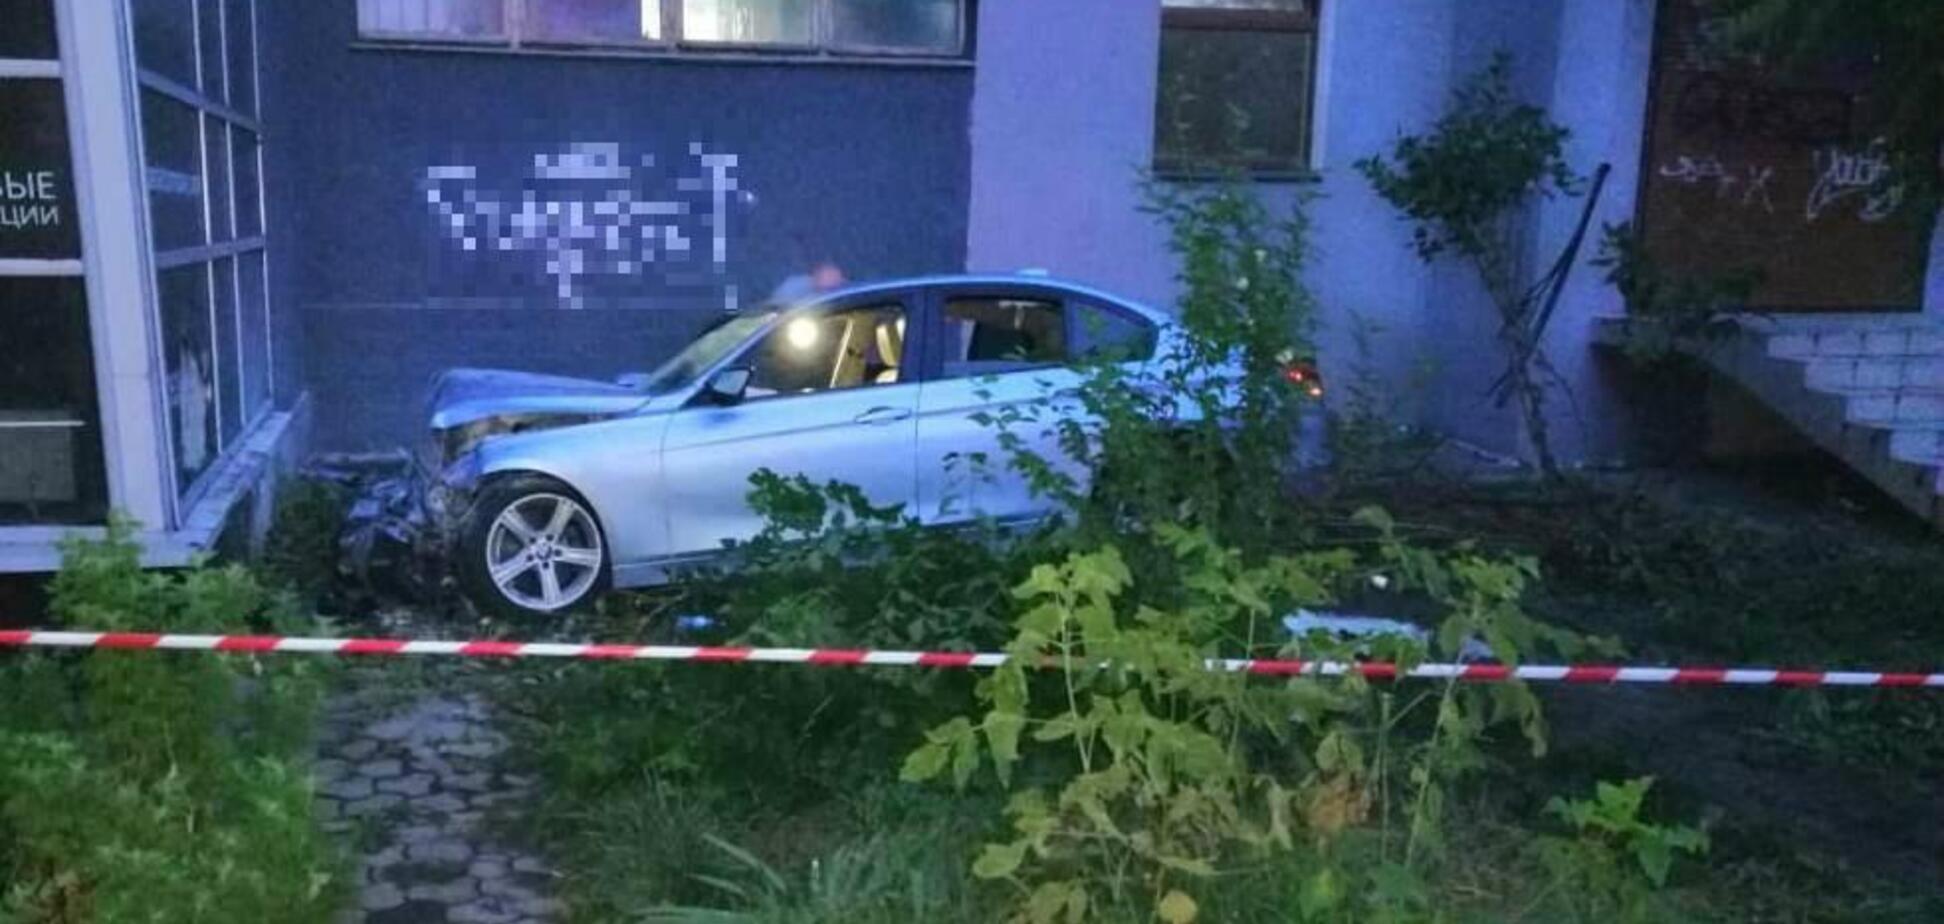 С разгона в стену: в Одессе водитель разбился, убегая от полиции